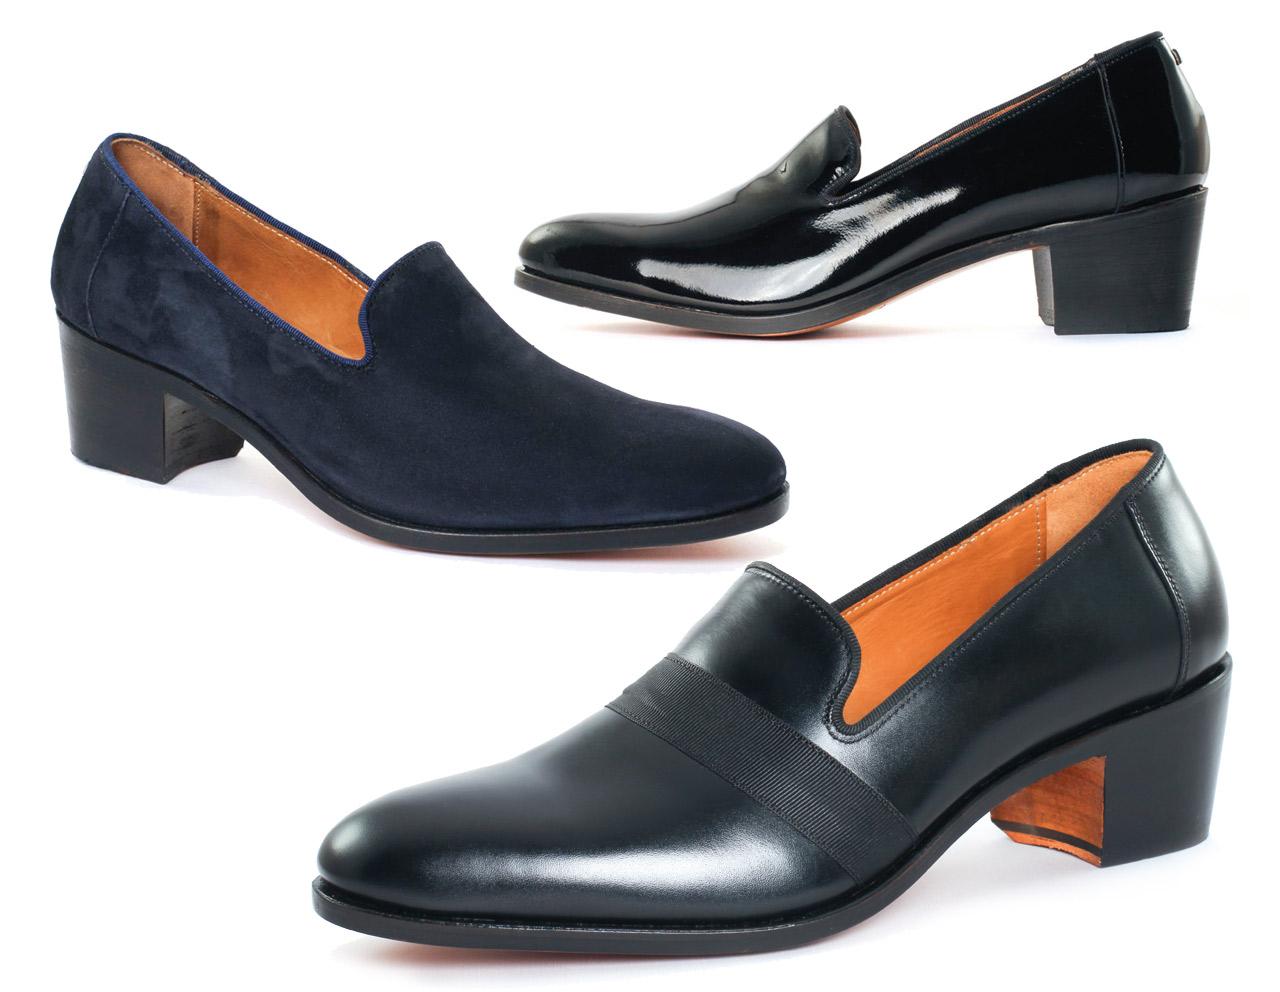 Chaussures à talon haut pour homme   LE NÔTRE Royal Navy   Vernis Noir   Calf Noir